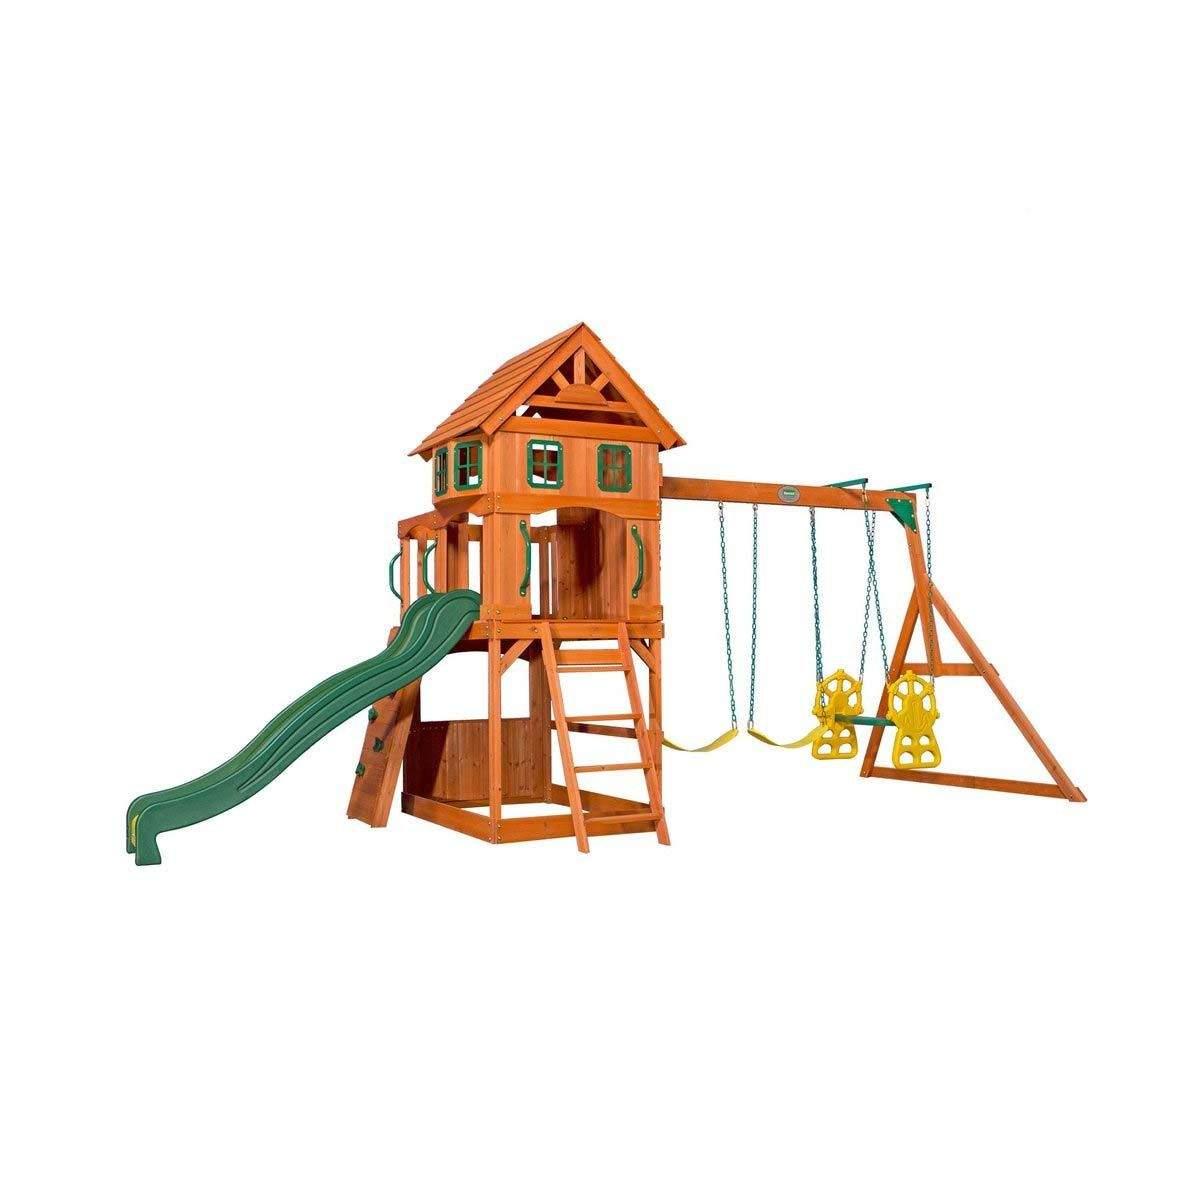 garten spielplatz luxus backyard spielturm atlantic holz mit schaukel und rutsche of garten spielplatz